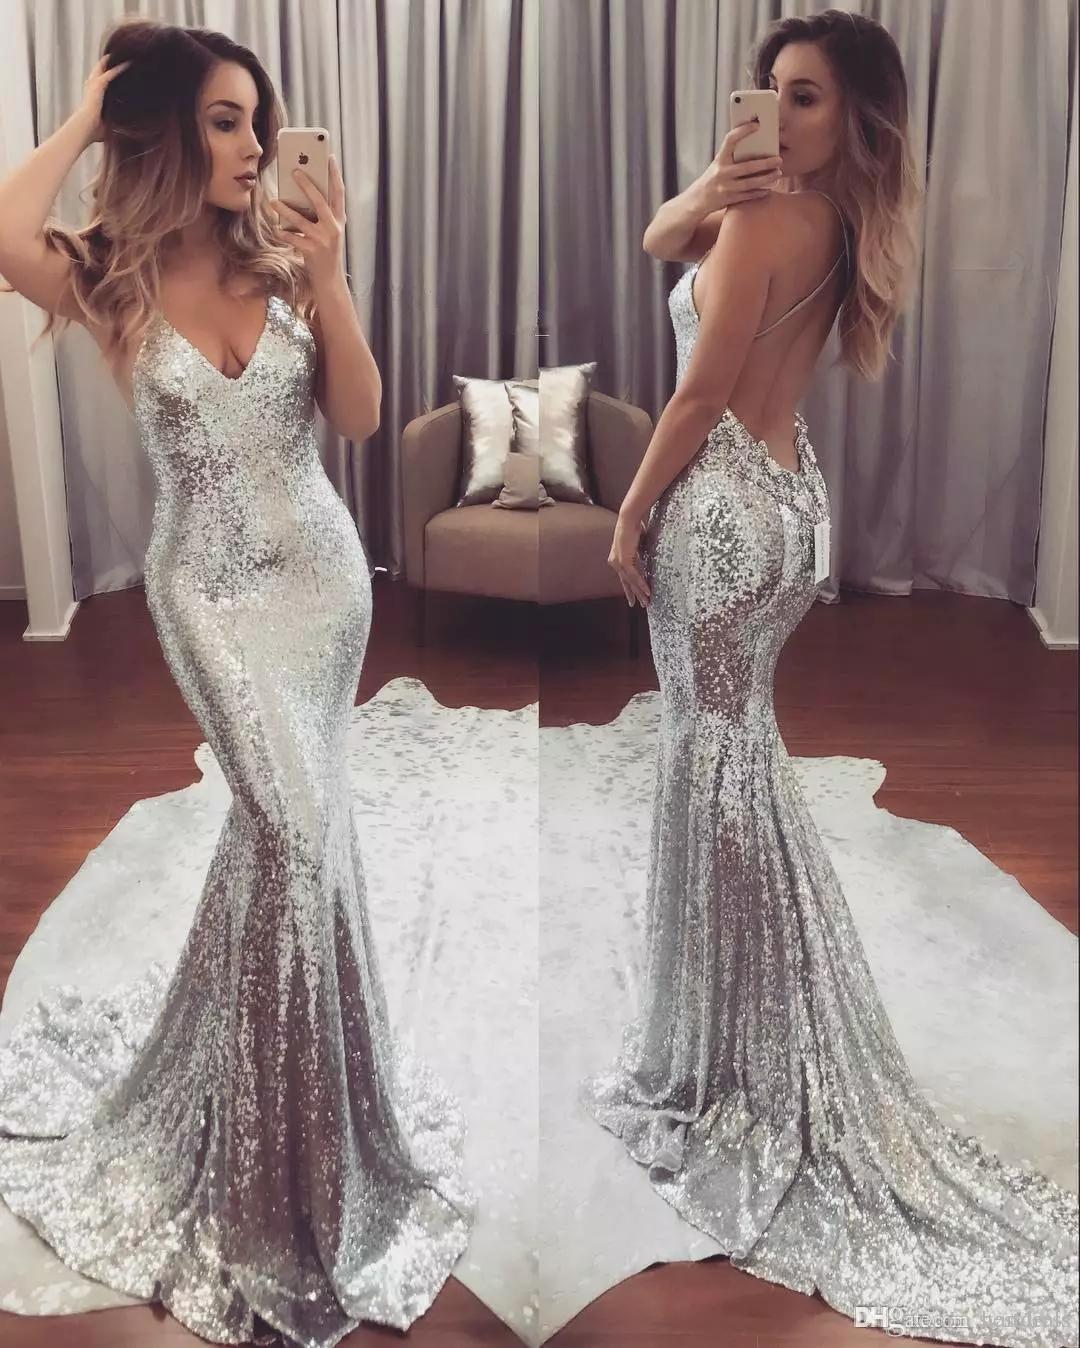 Prom Dresses della sirena di paillettes di Bling d'argento 2018 vestiti da sera backless sexy della cinghia di spaghetti del collo di V elegante festa Abiti del partito